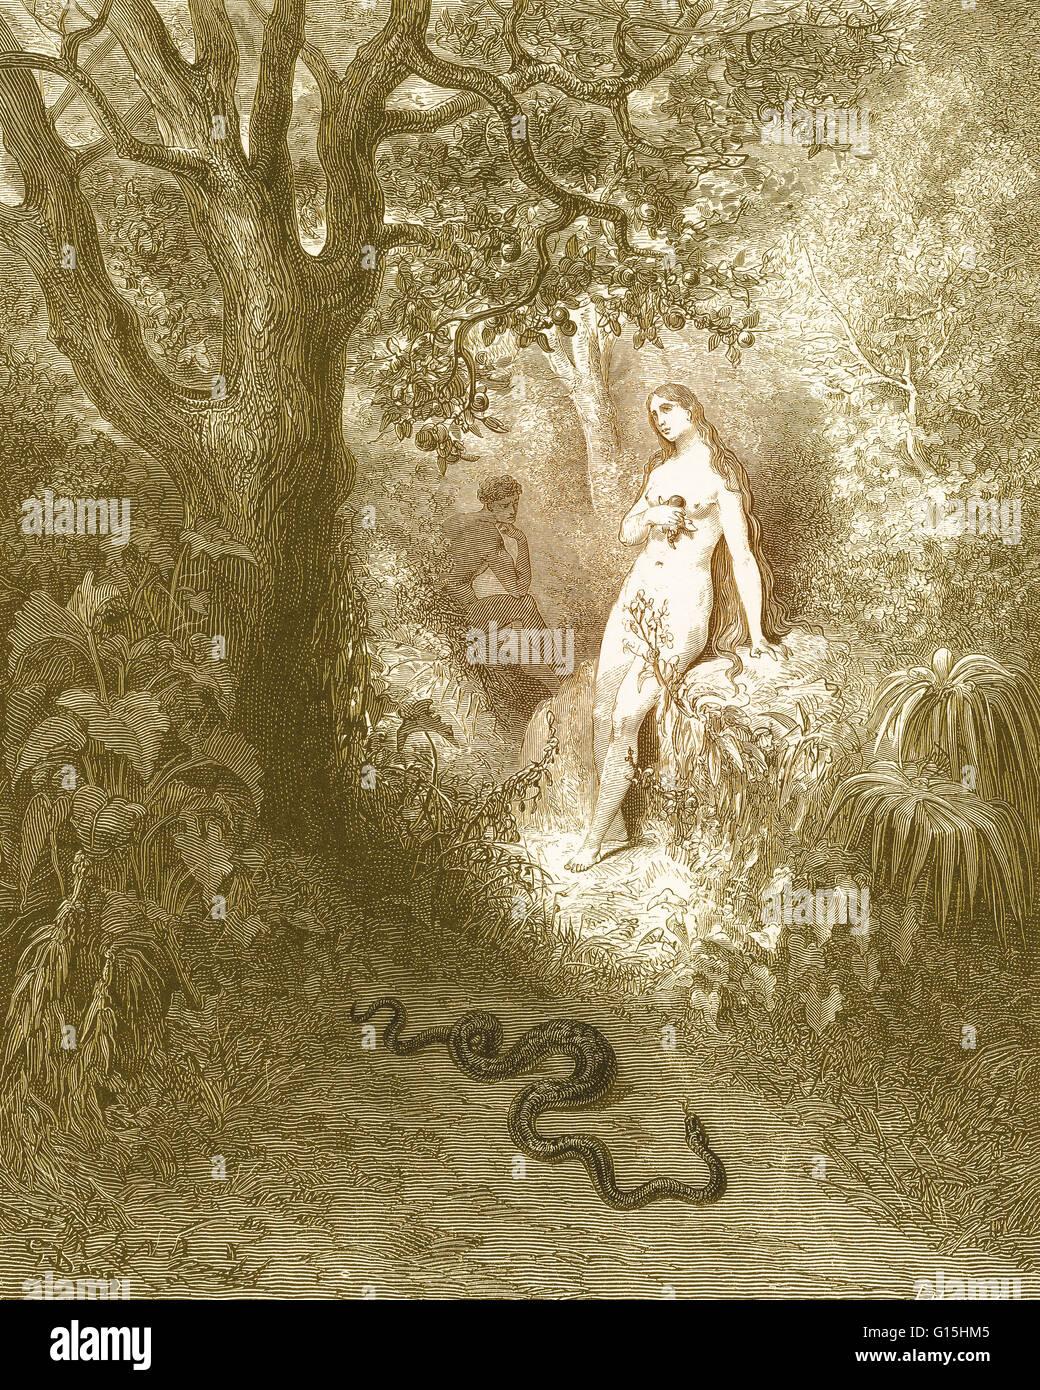 Ilustración De Adán Y Eva Y La Serpiente Por Gustave Doré